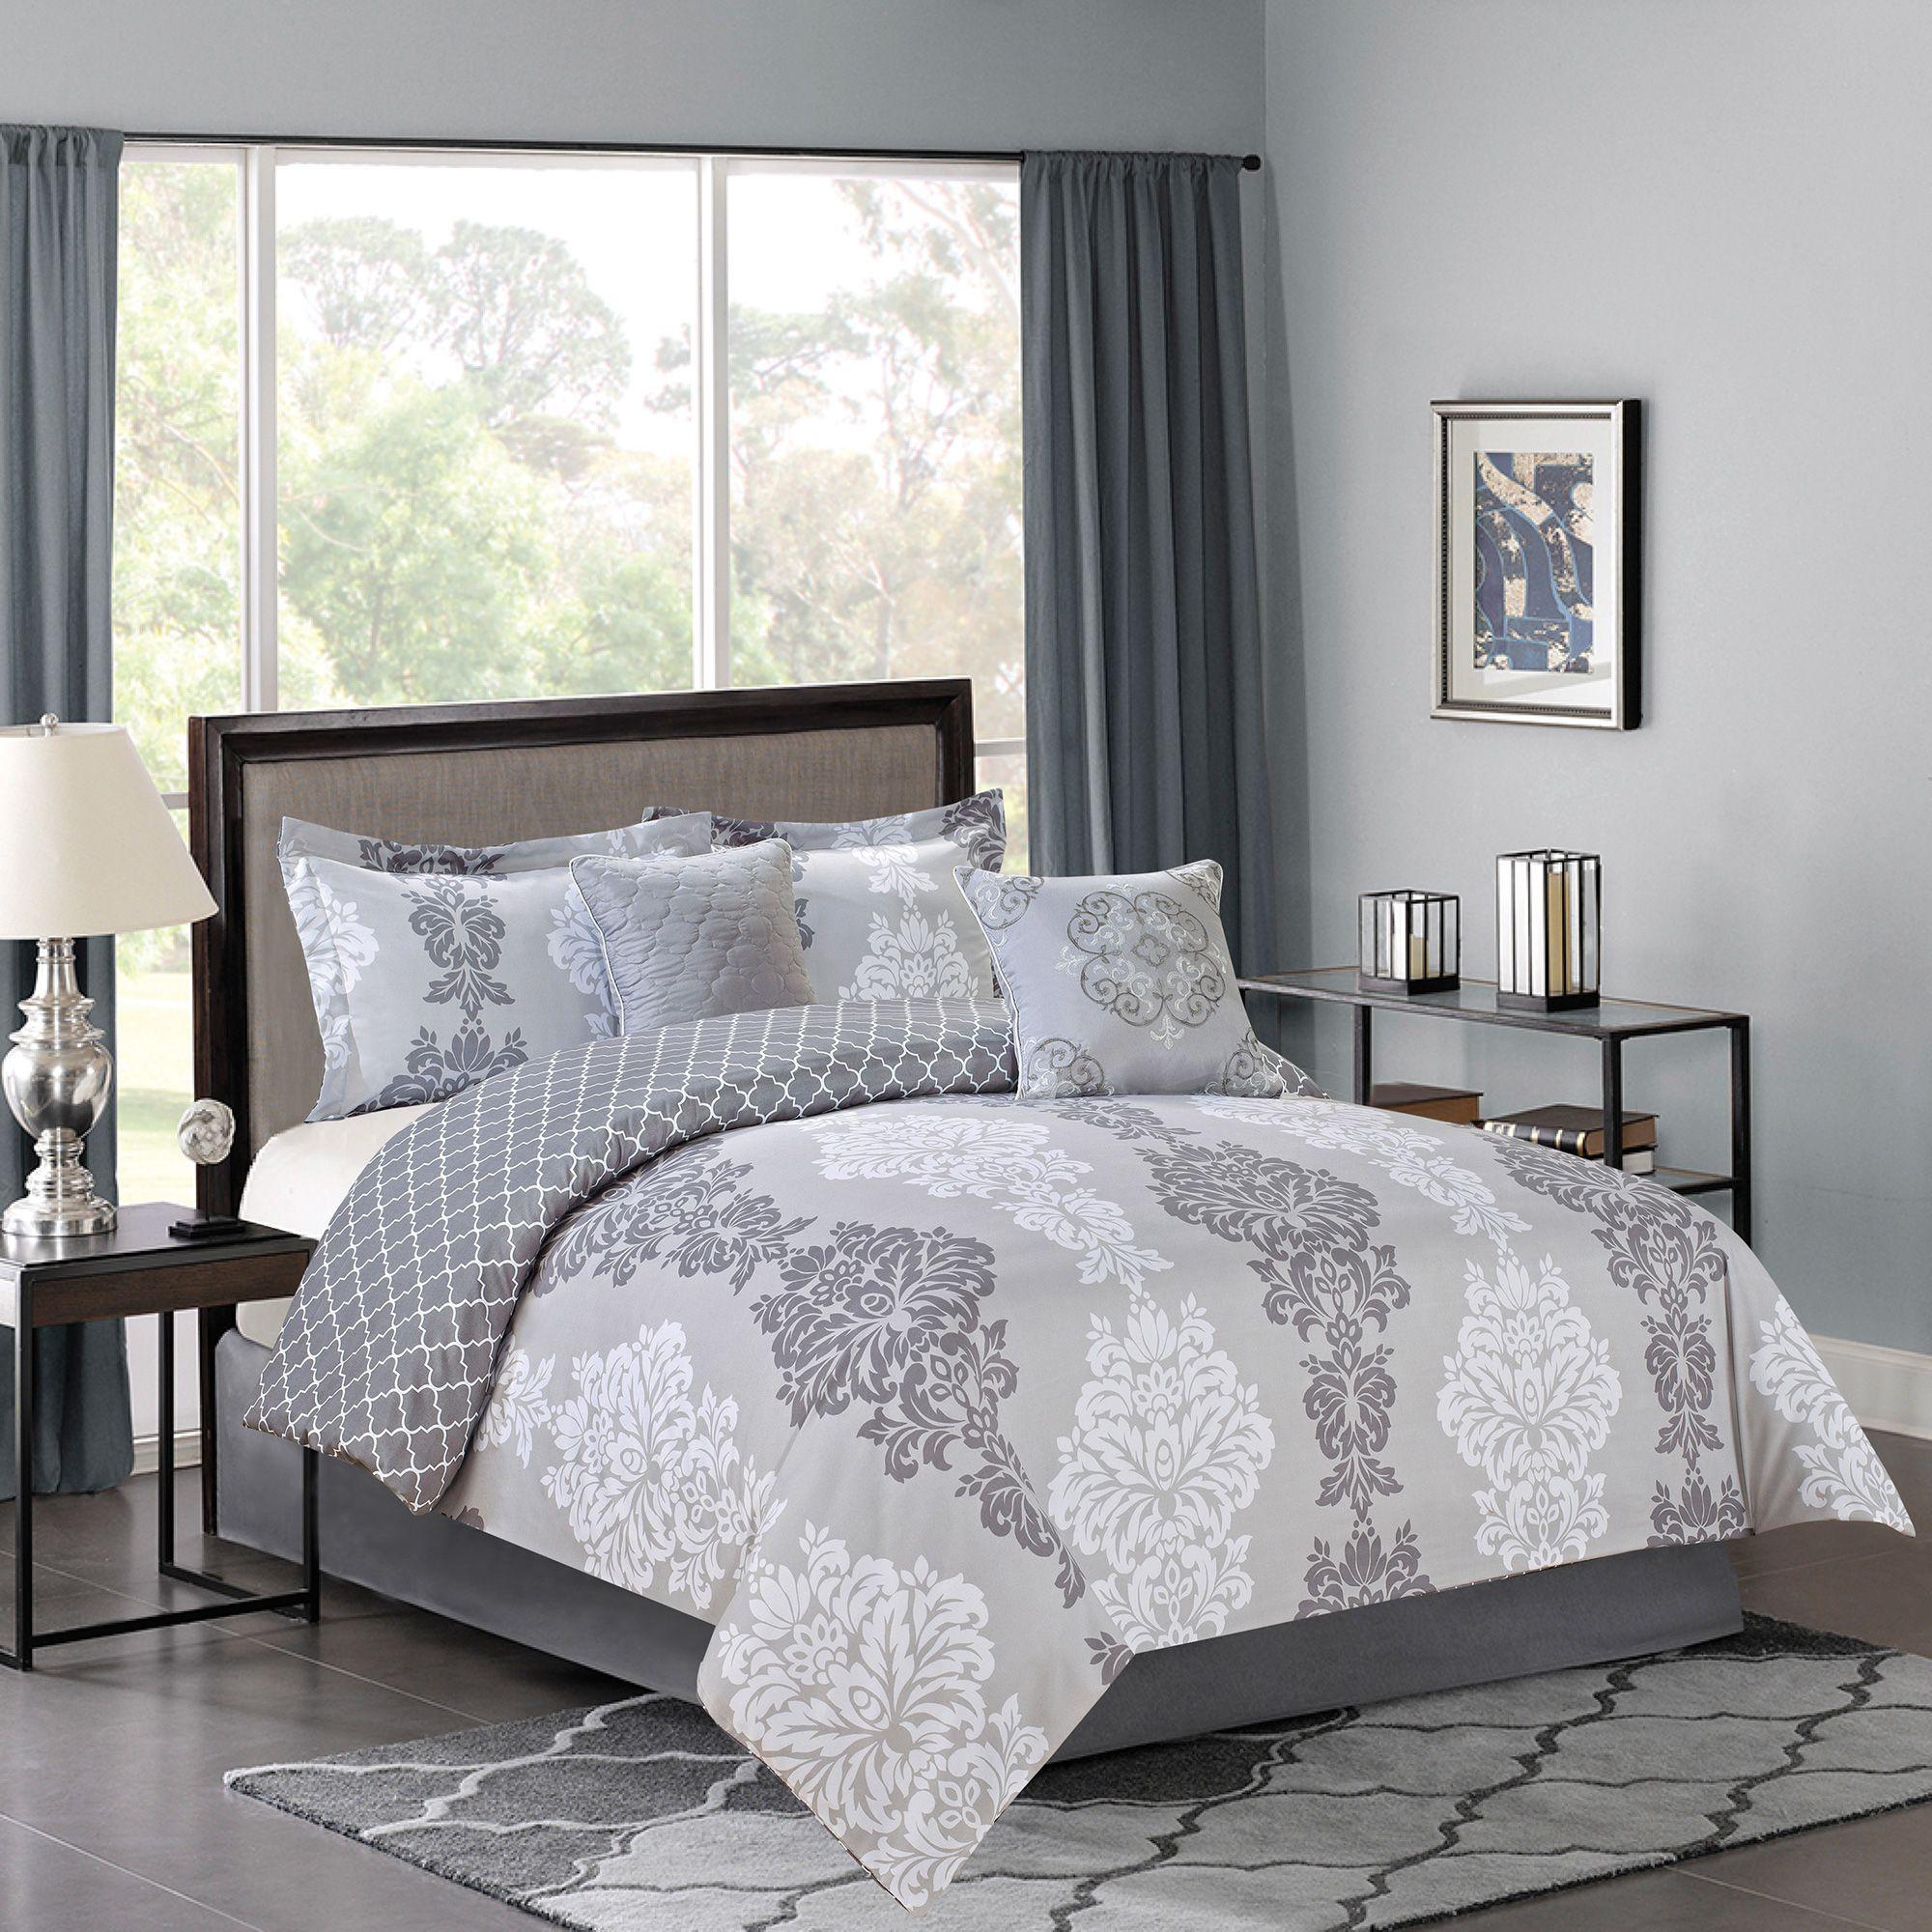 navy homes macy homesfeed comforter designs comforters full garden sets twin set and canada queen bedding better